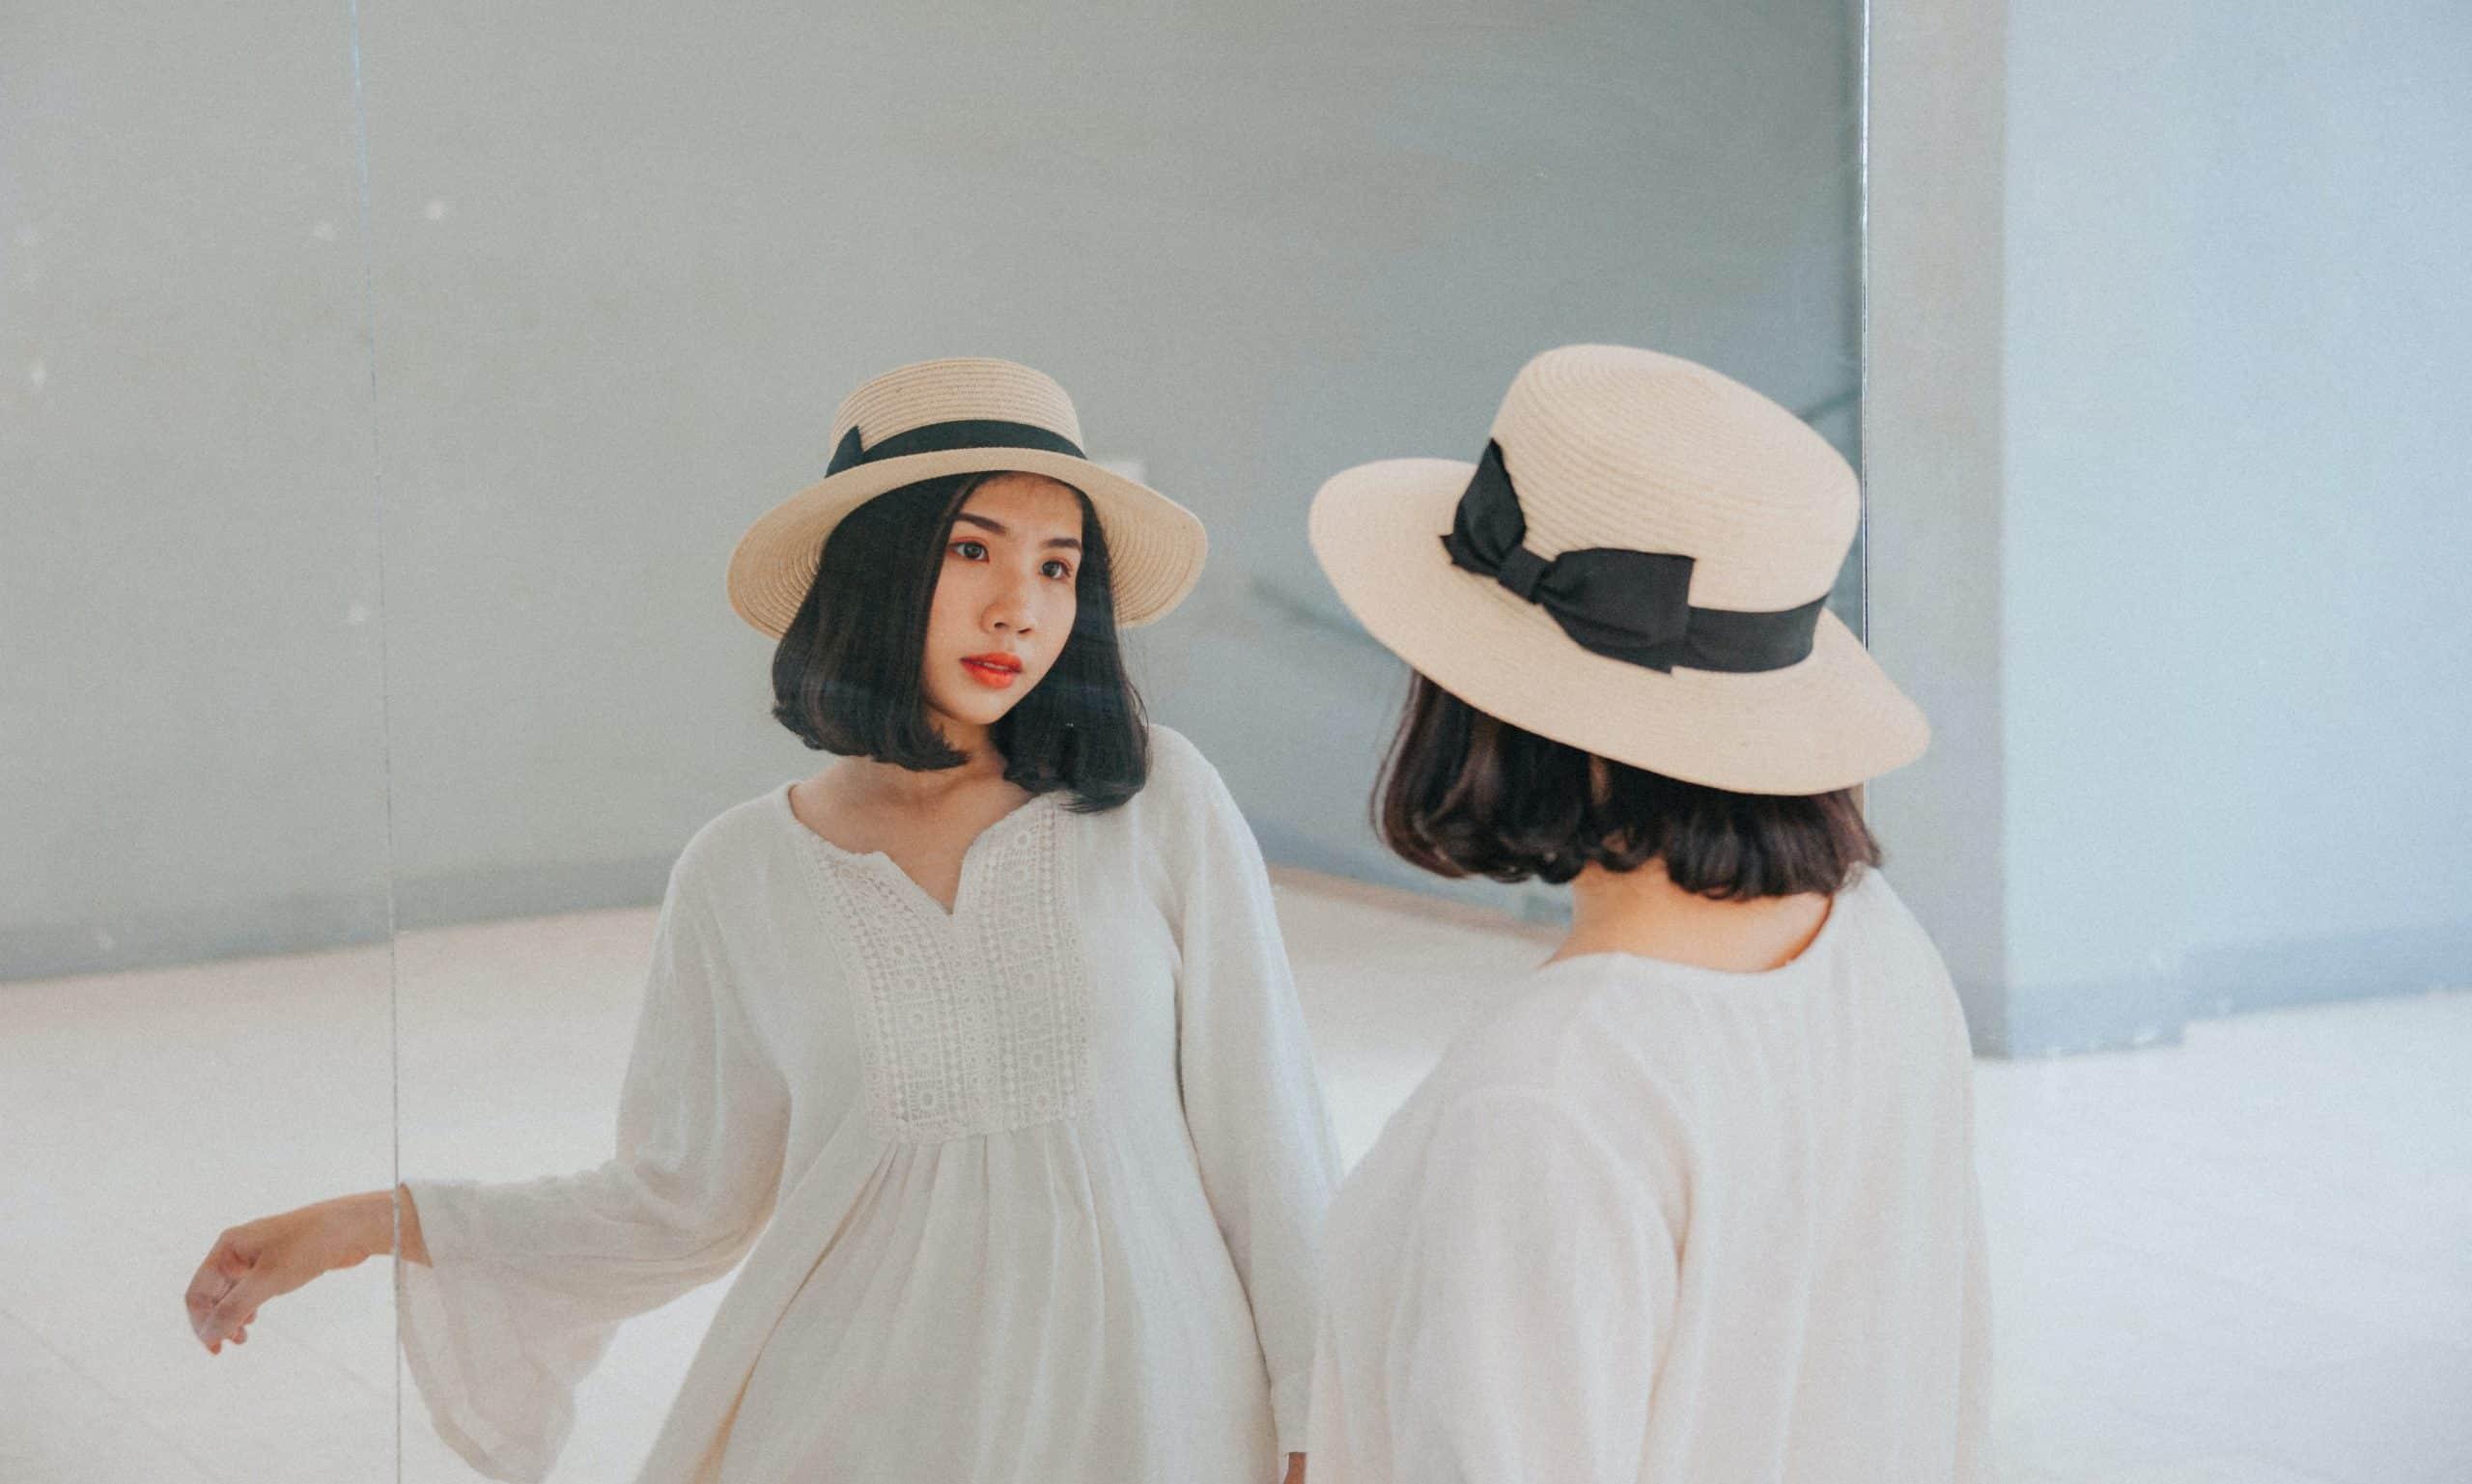 Fotografia de uma mulher olhando no espelho